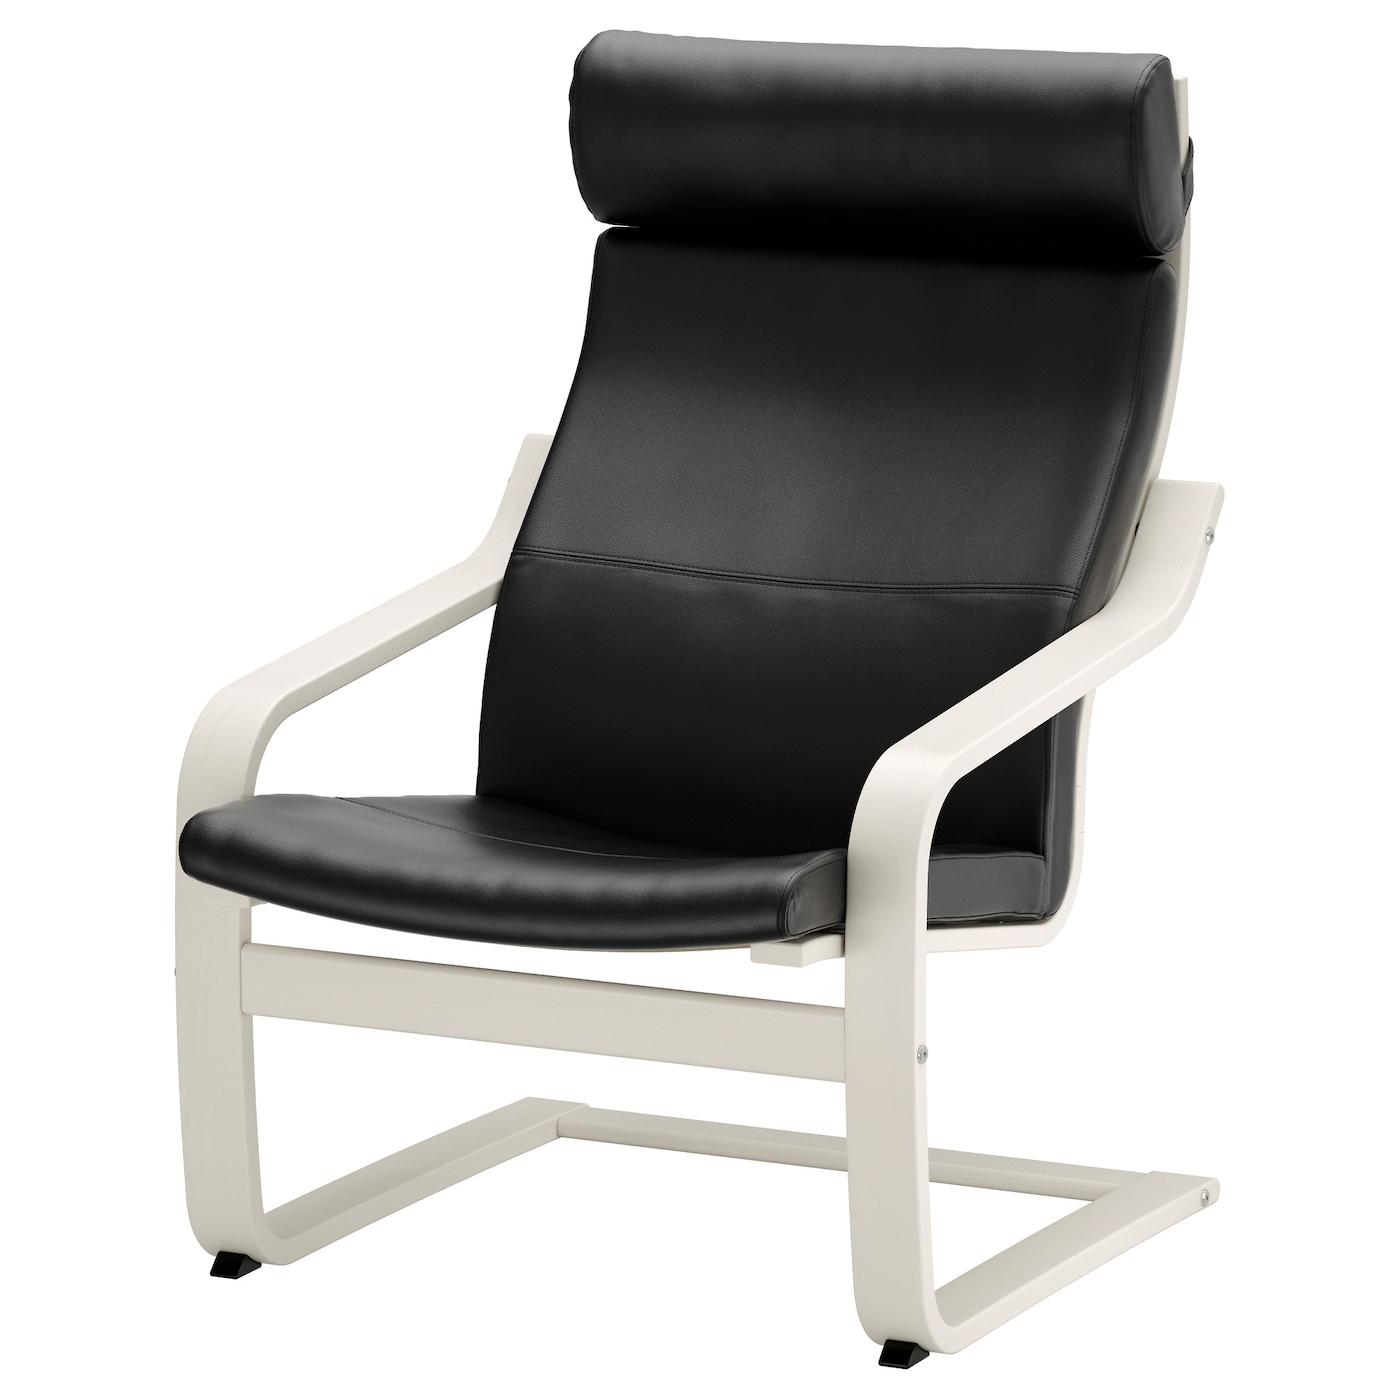 ikea pong fauteuil structure flexible en multiplis de bouleau pour une souplesse trs confortable - Fauteuil Cuir Ikea